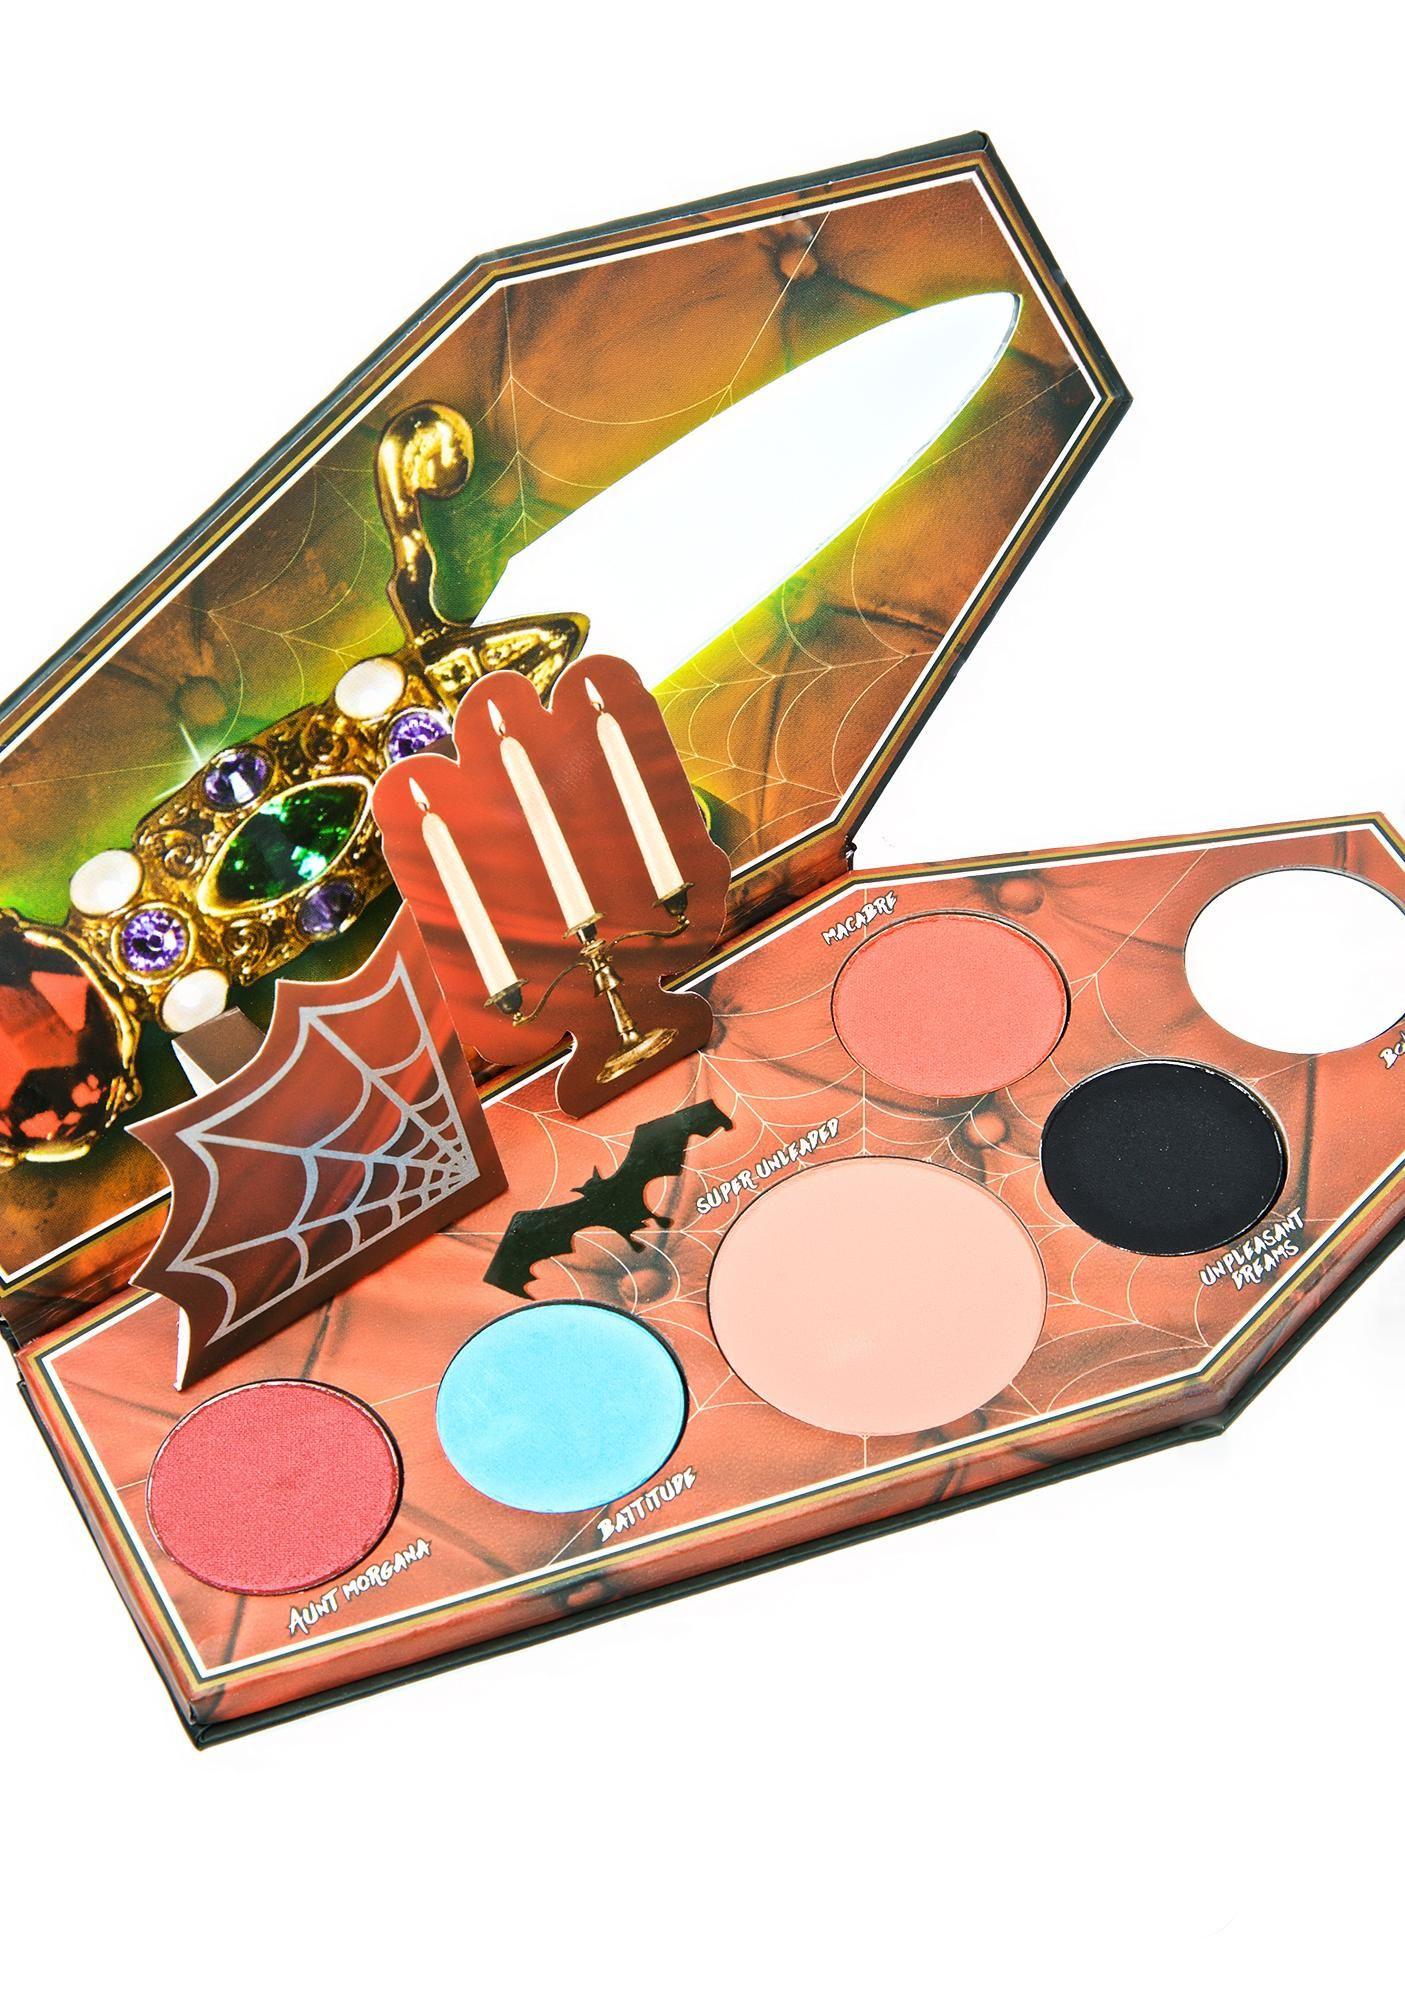 Elvira Palette Colorful eyeshadow, Palette, Eyeshadow